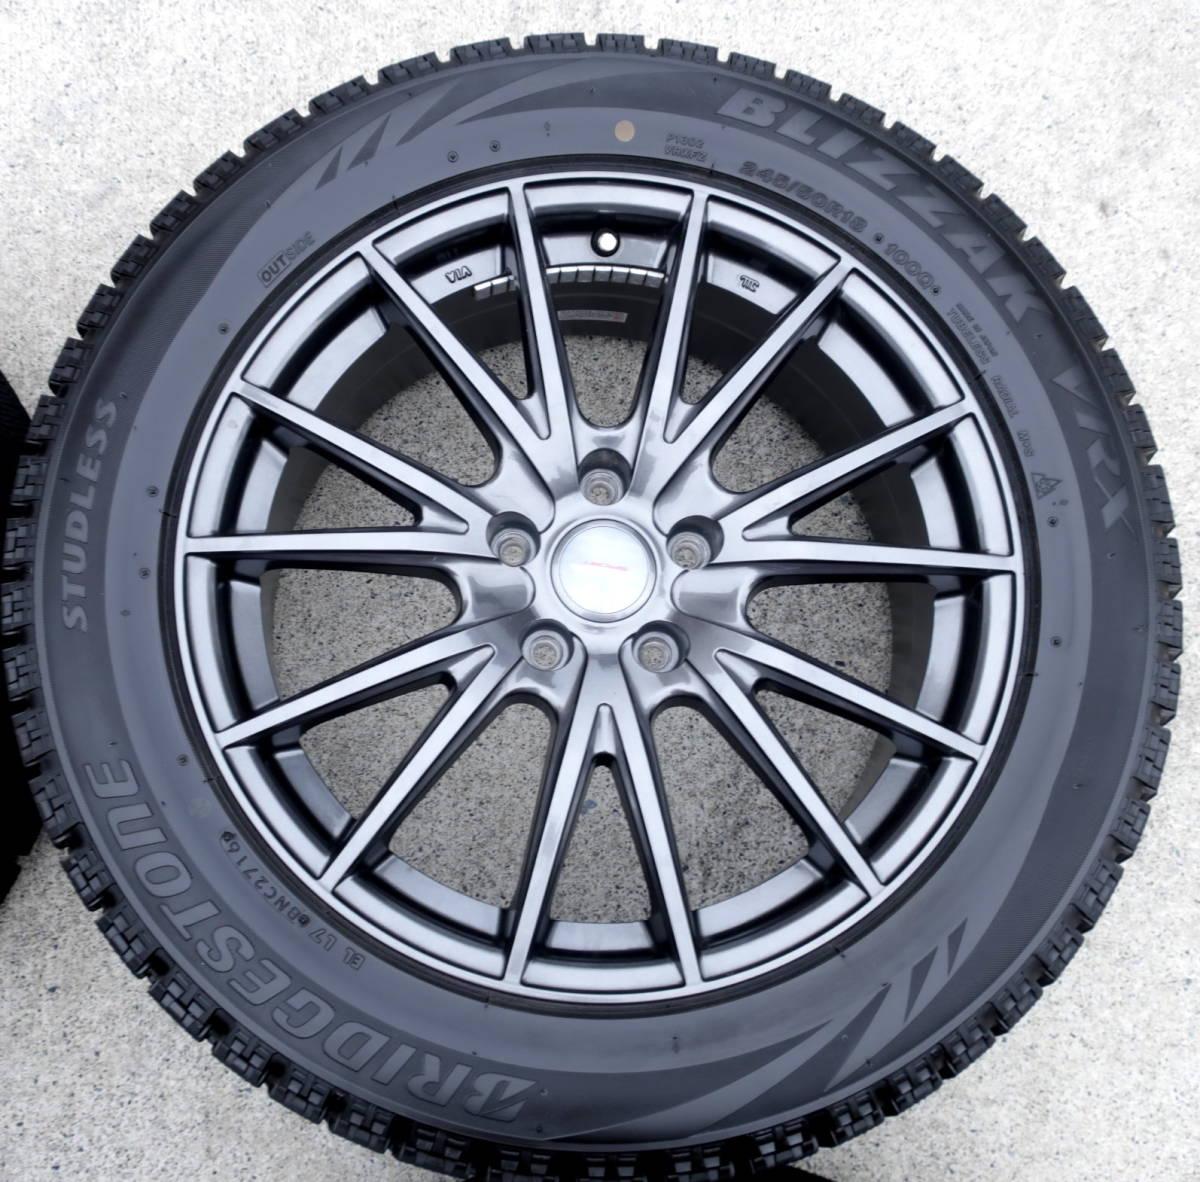 VELVA 軽量ホイル+BLIZZAK VRX 245/50R18 スタッドレス タイヤ 4本 アルファード ヴェルファイア エルグランド フーガ ハリアー CR-V CH-R_画像5